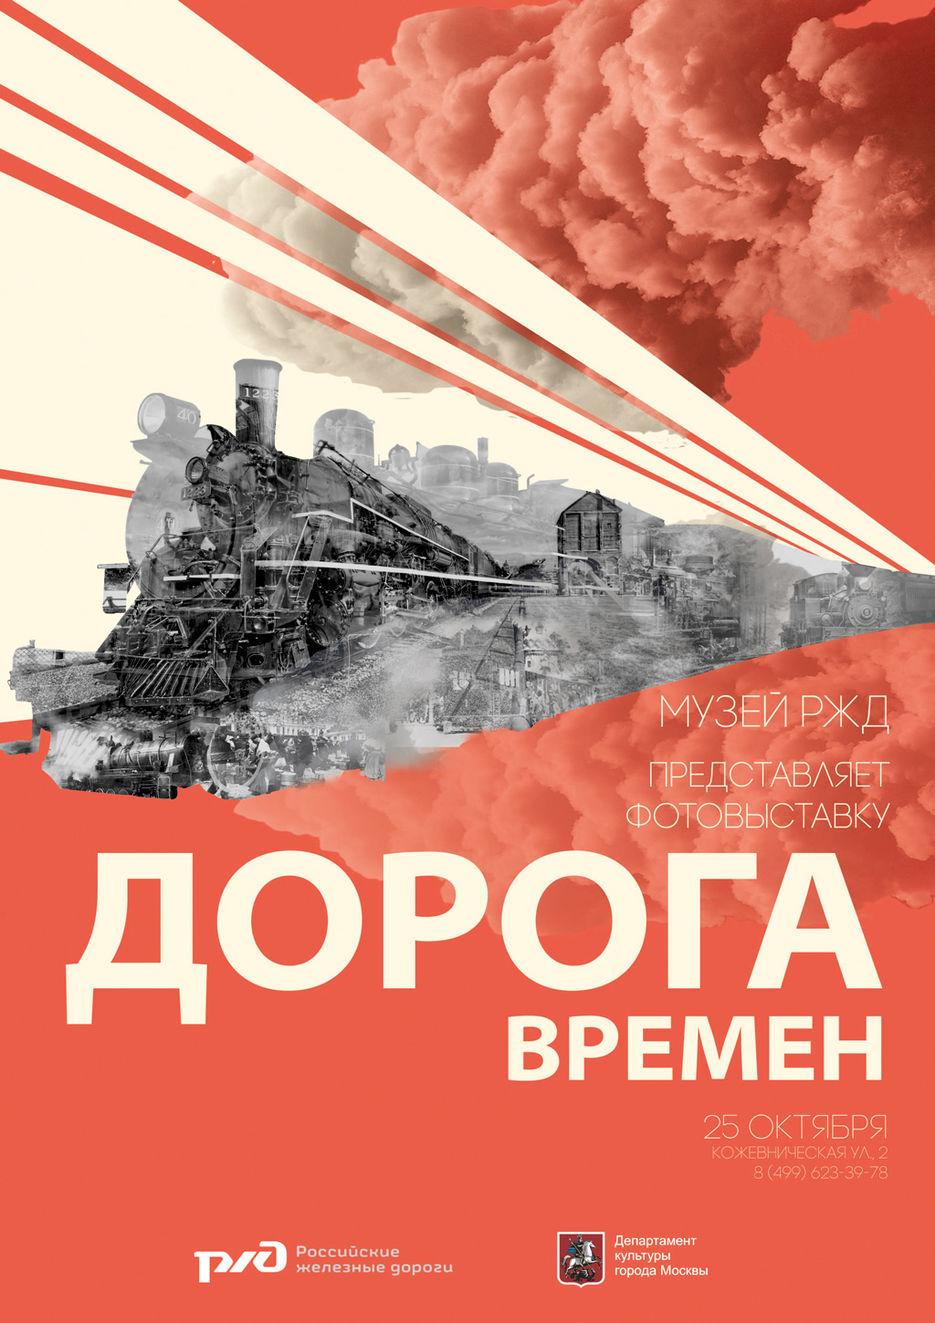 """Плакат """"Фотовыставка """"Дорога времён"""""""